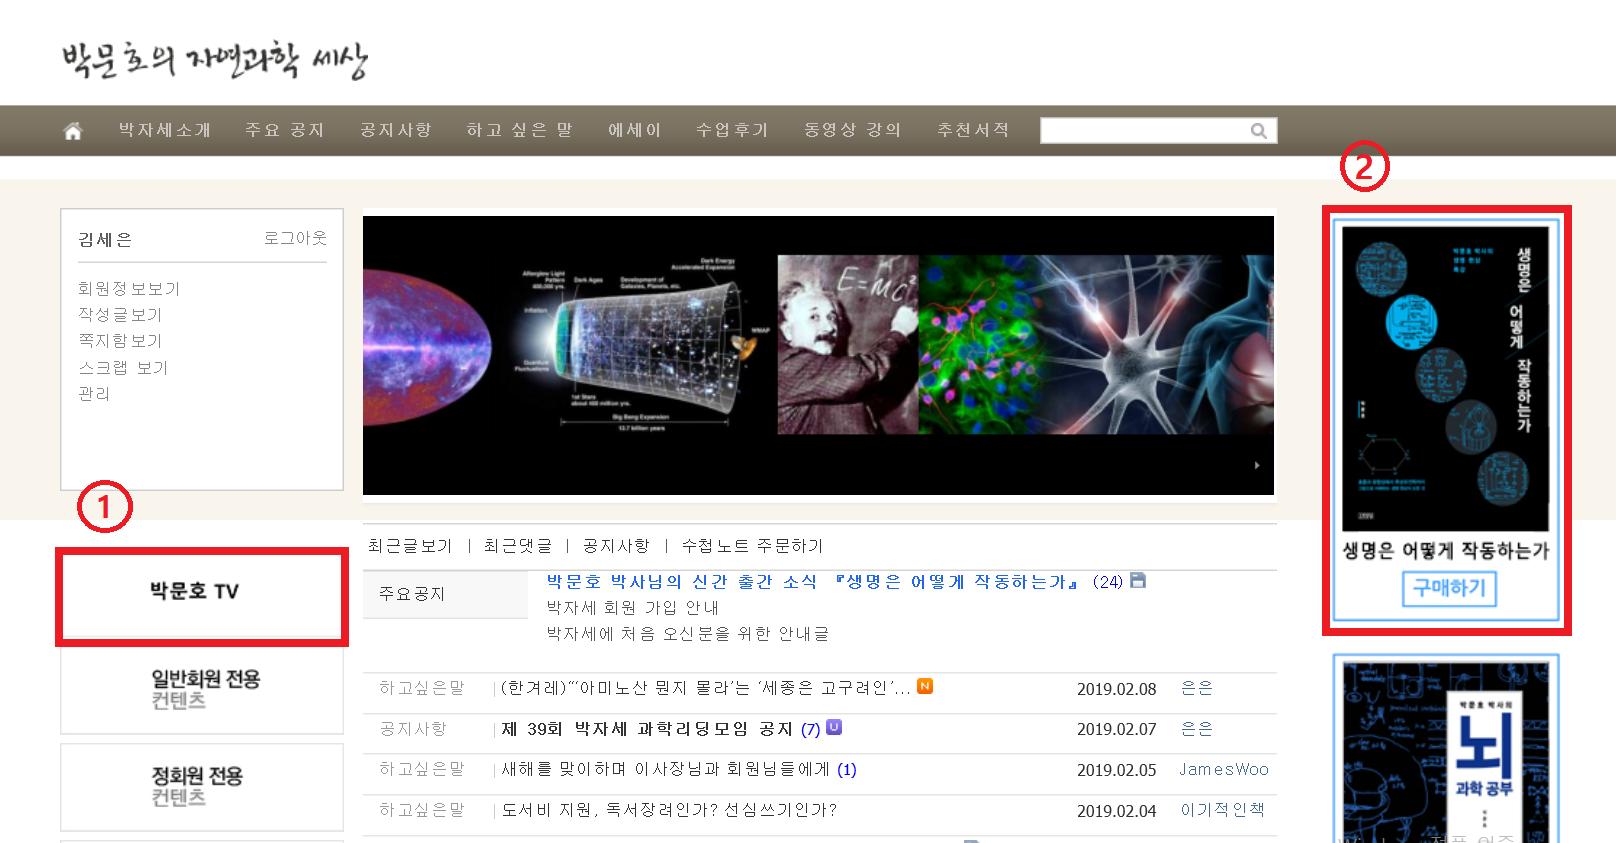 홈페이지- 박문호TV, 생어작 구매배너.PNG